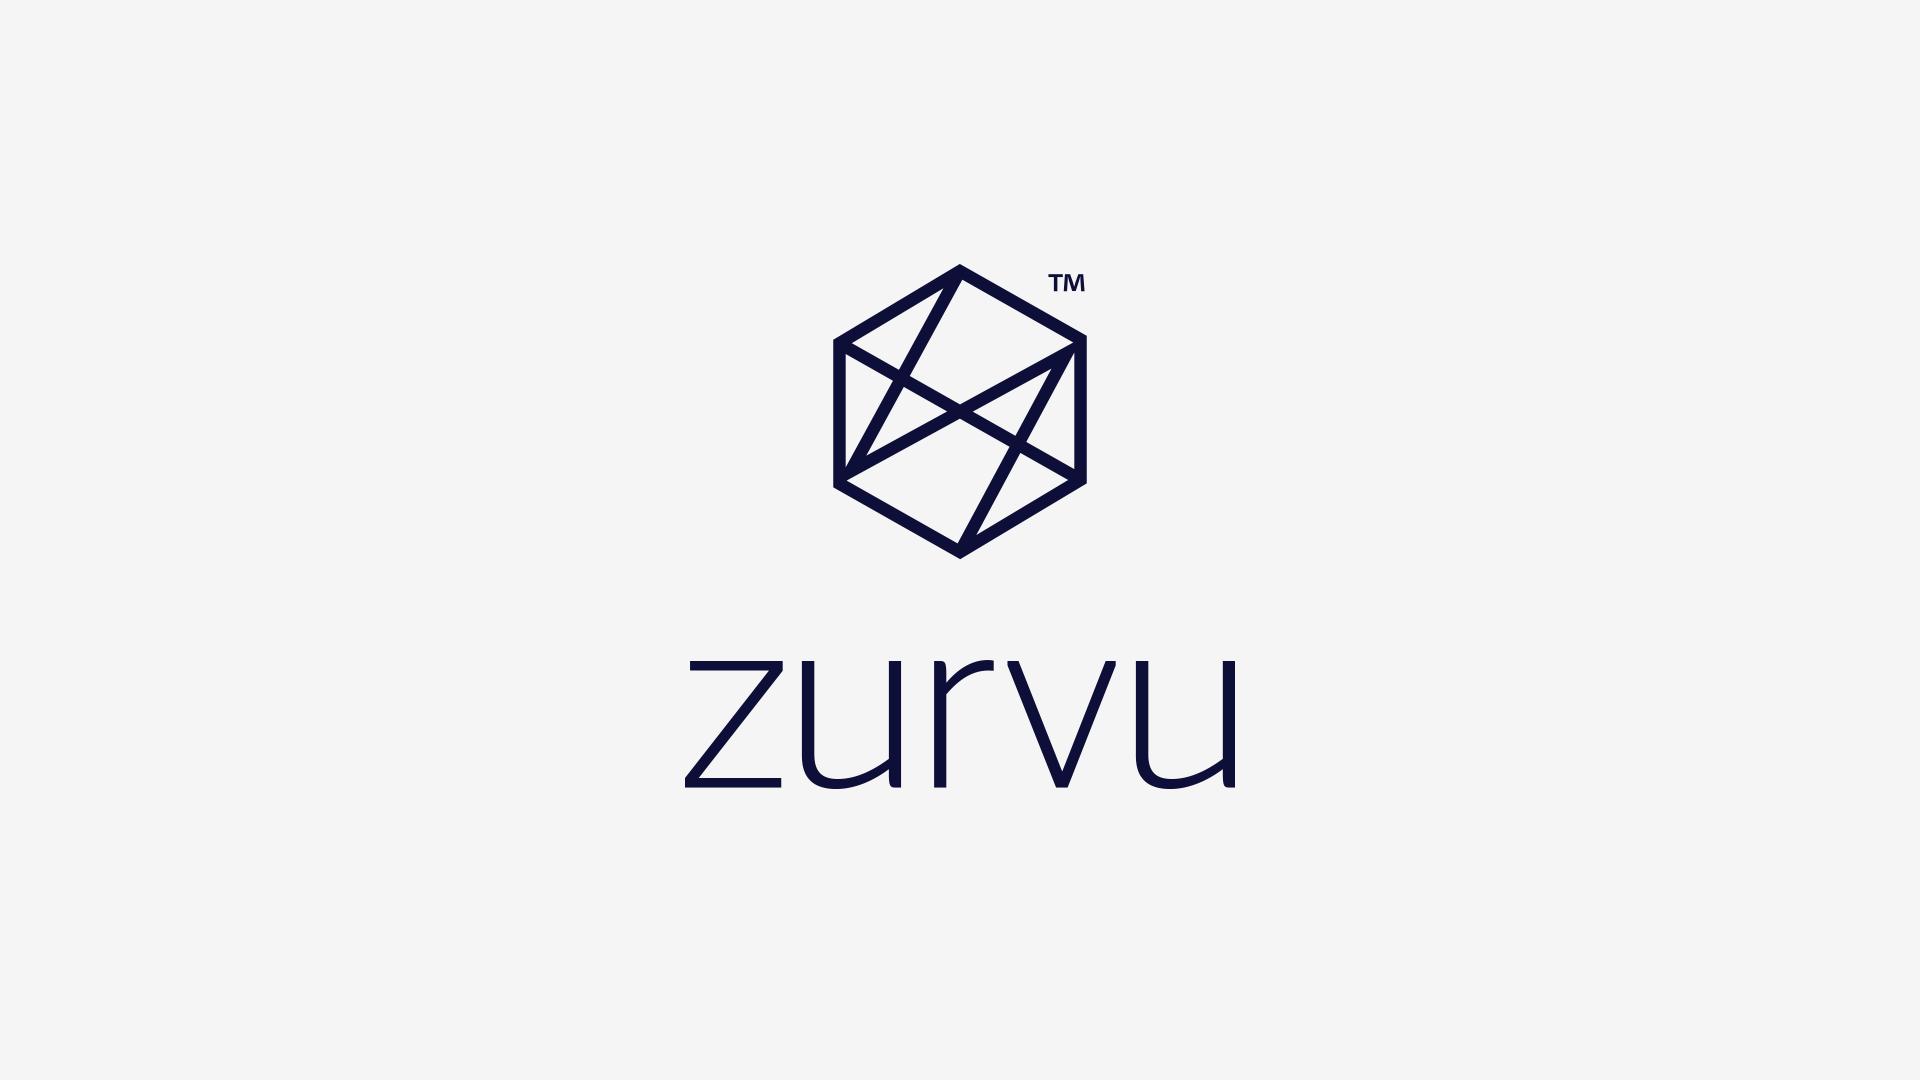 zurvu_06